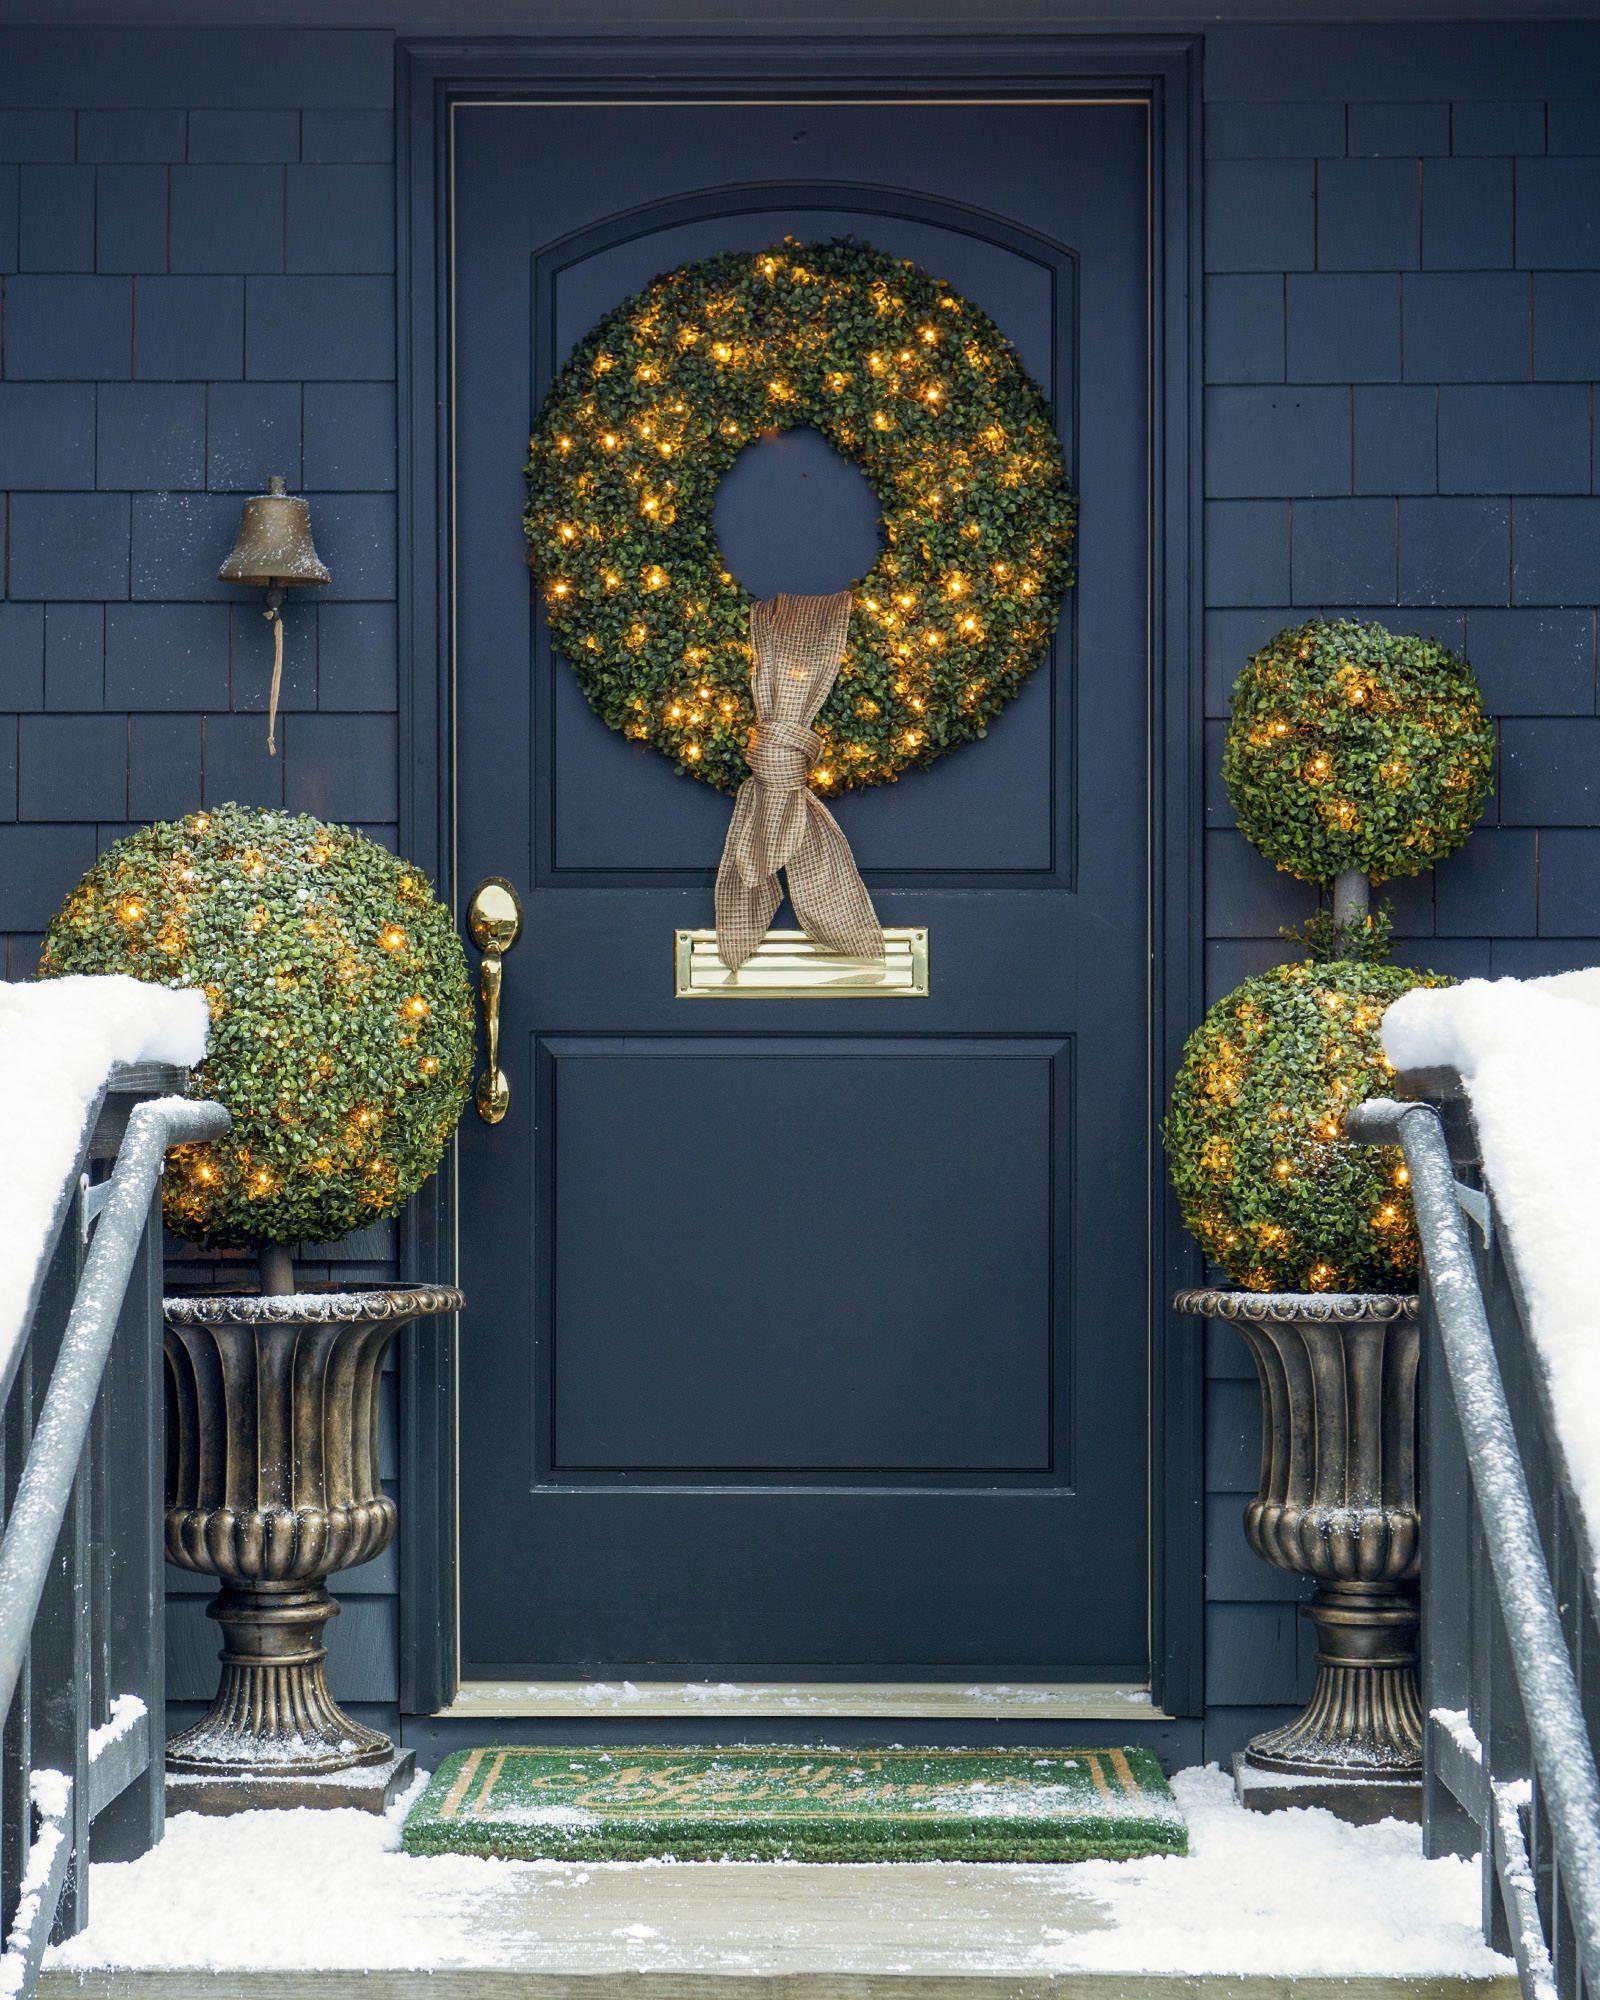 die besten 25 weihnachtsbeleuchtung au en led ideen auf pinterest led weihnachtsbeleuchtung. Black Bedroom Furniture Sets. Home Design Ideas